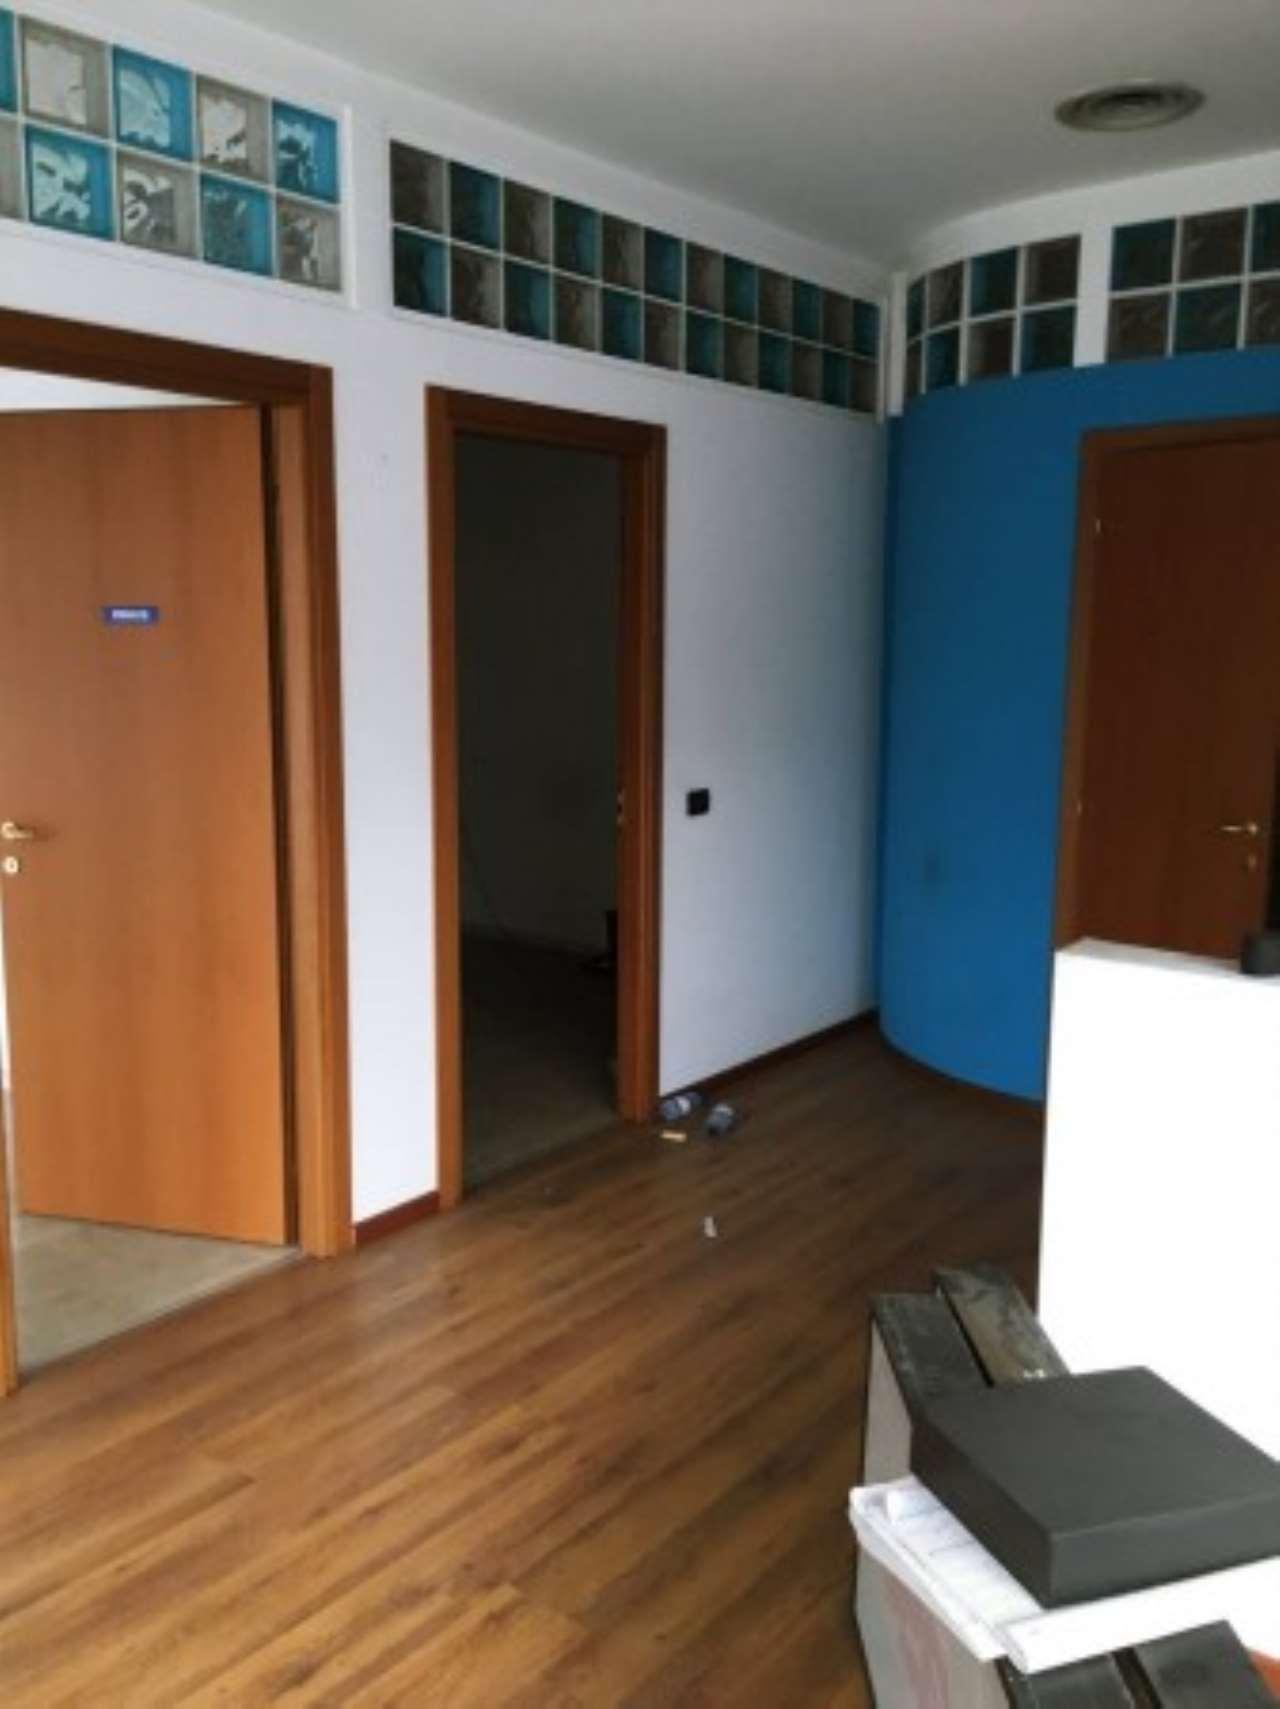 Negozio / Locale in affitto a Bresso, 2 locali, prezzo € 1.200   CambioCasa.it